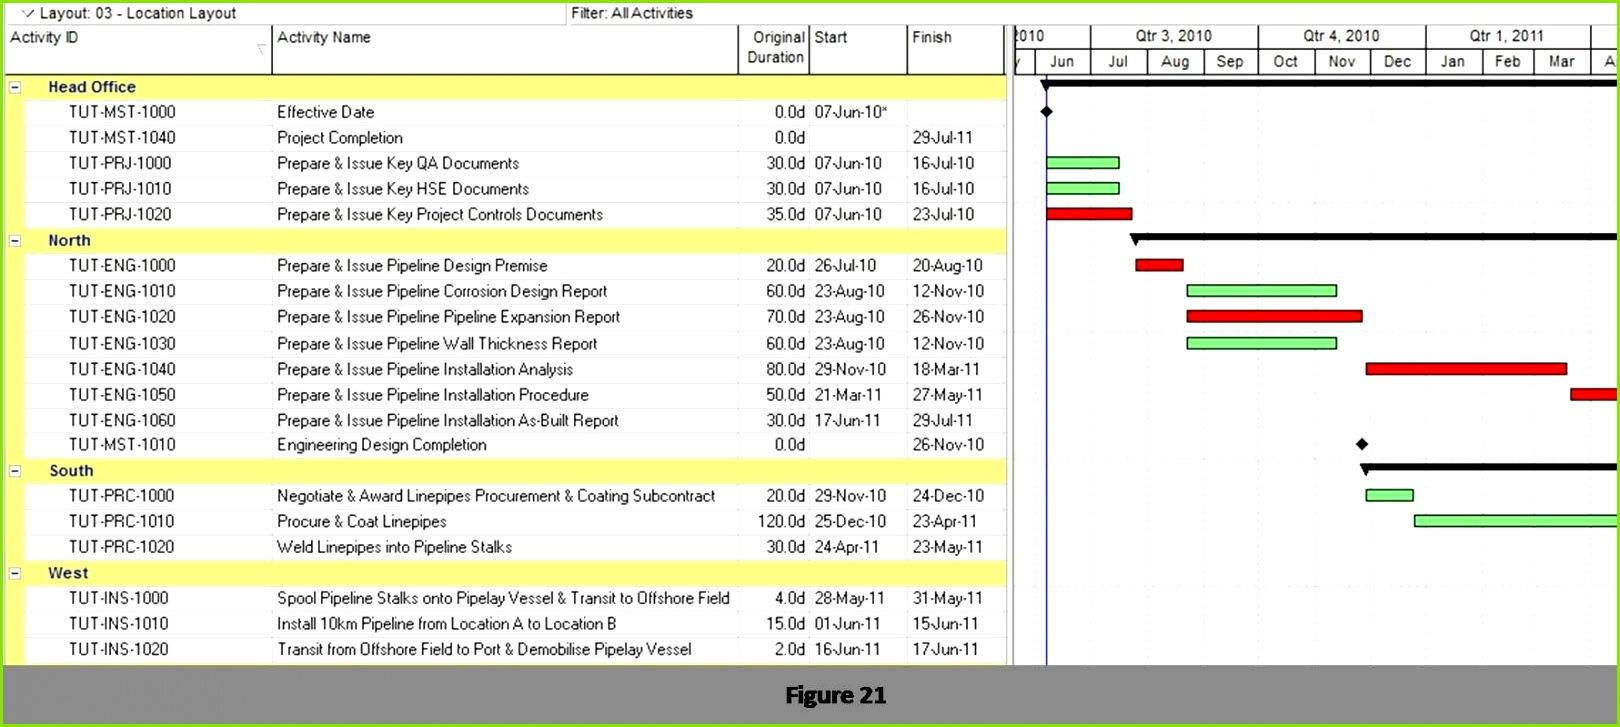 Inventar Vorlage Editierbar Frisches Businessplan Vorlagen Inventar Vorlage Detaillierte 57 Schön Sammlung Kalkulation Gastronomie Excel